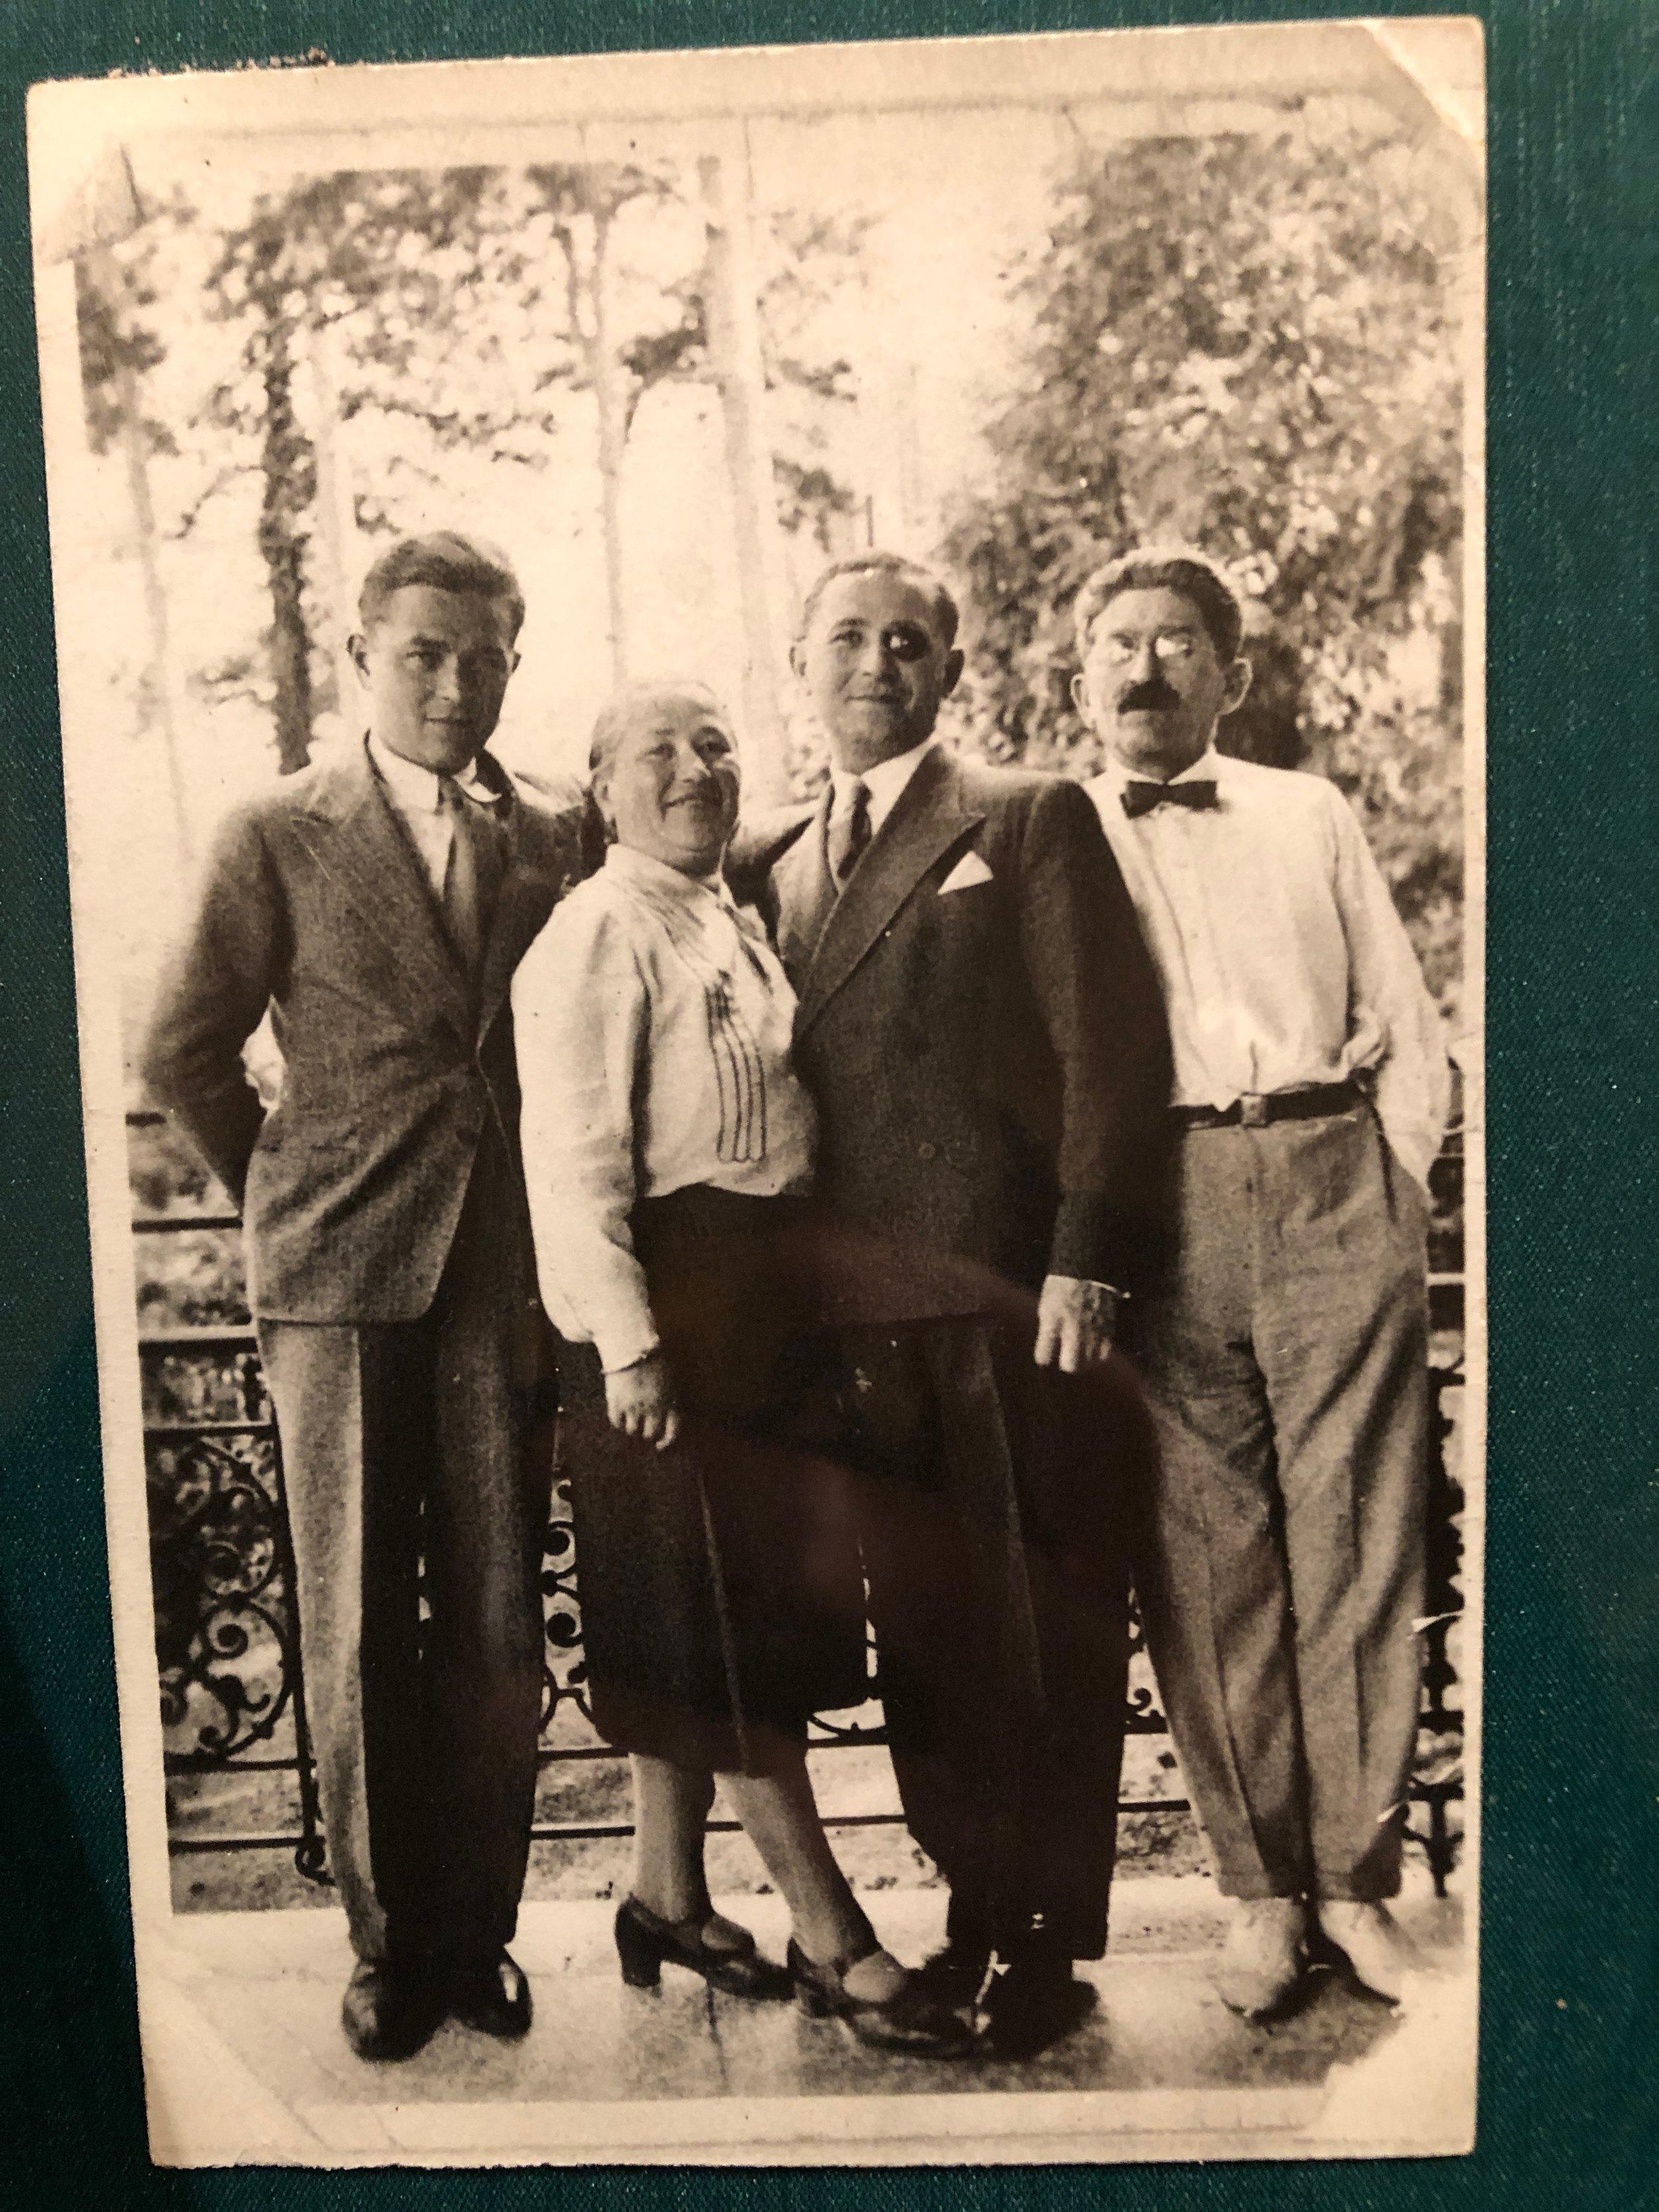 Leon, Tonia, Paul, and Albin Schmerbach, date unknown